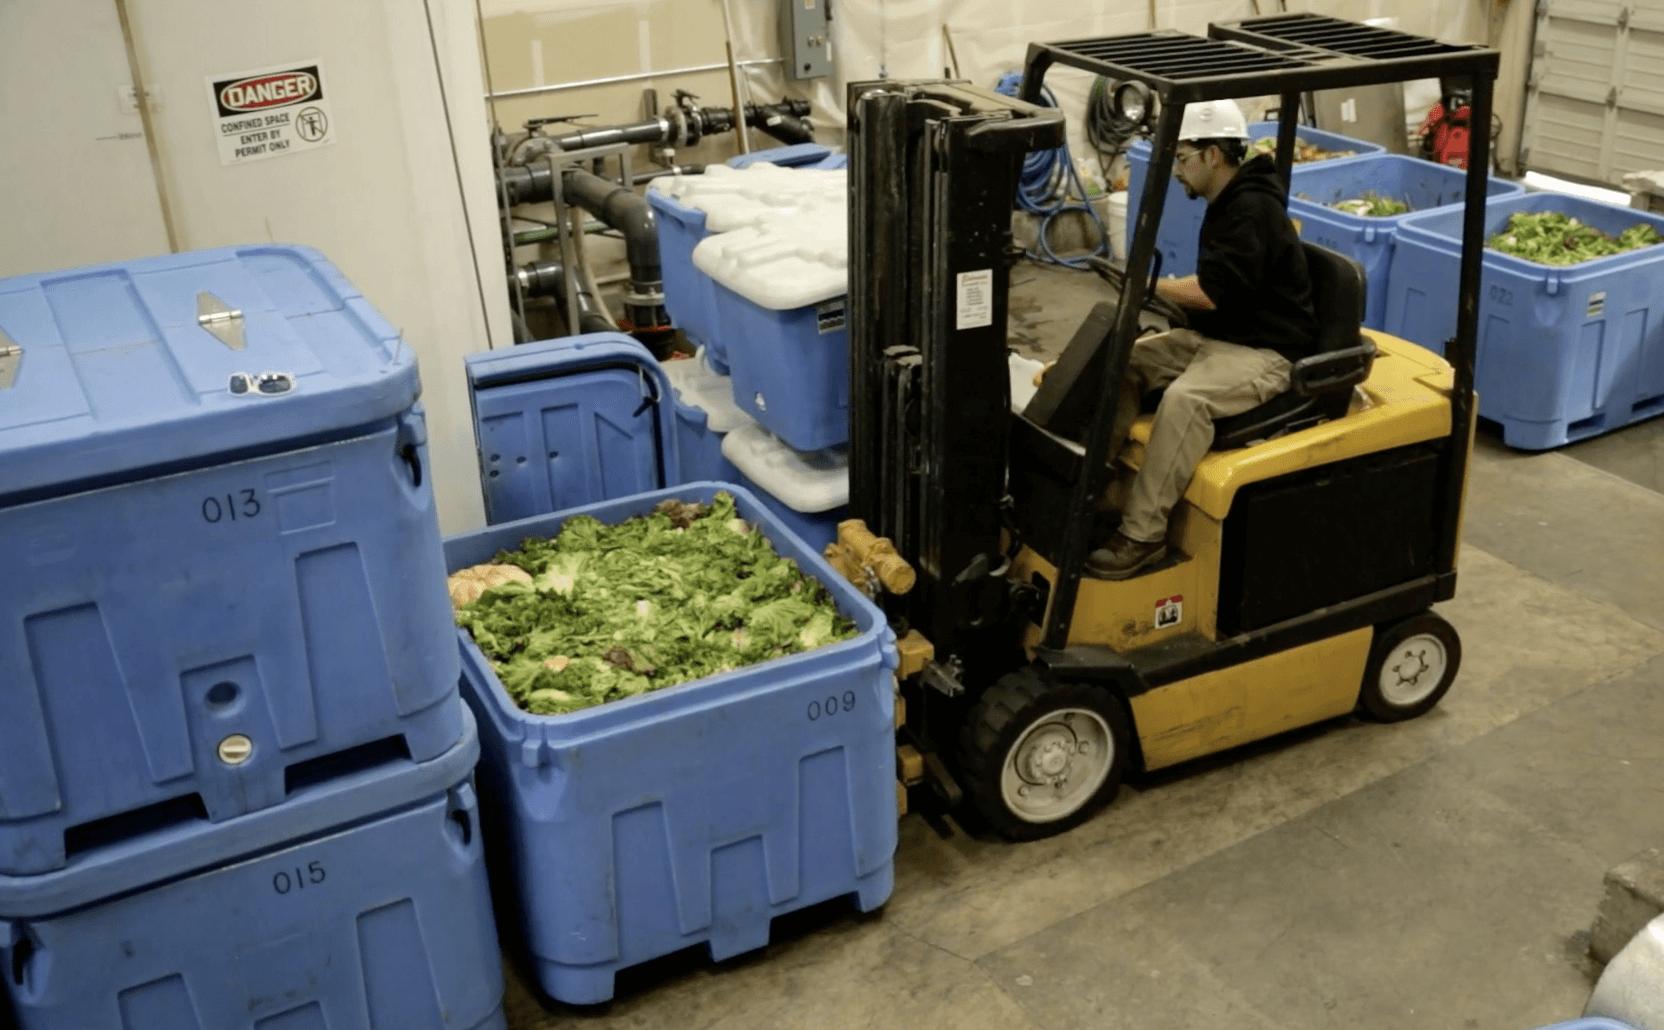 野菜が野菜に生まれ変わる。廃棄野菜から肥料を作る California Safe Soil の事業と製品を紹介